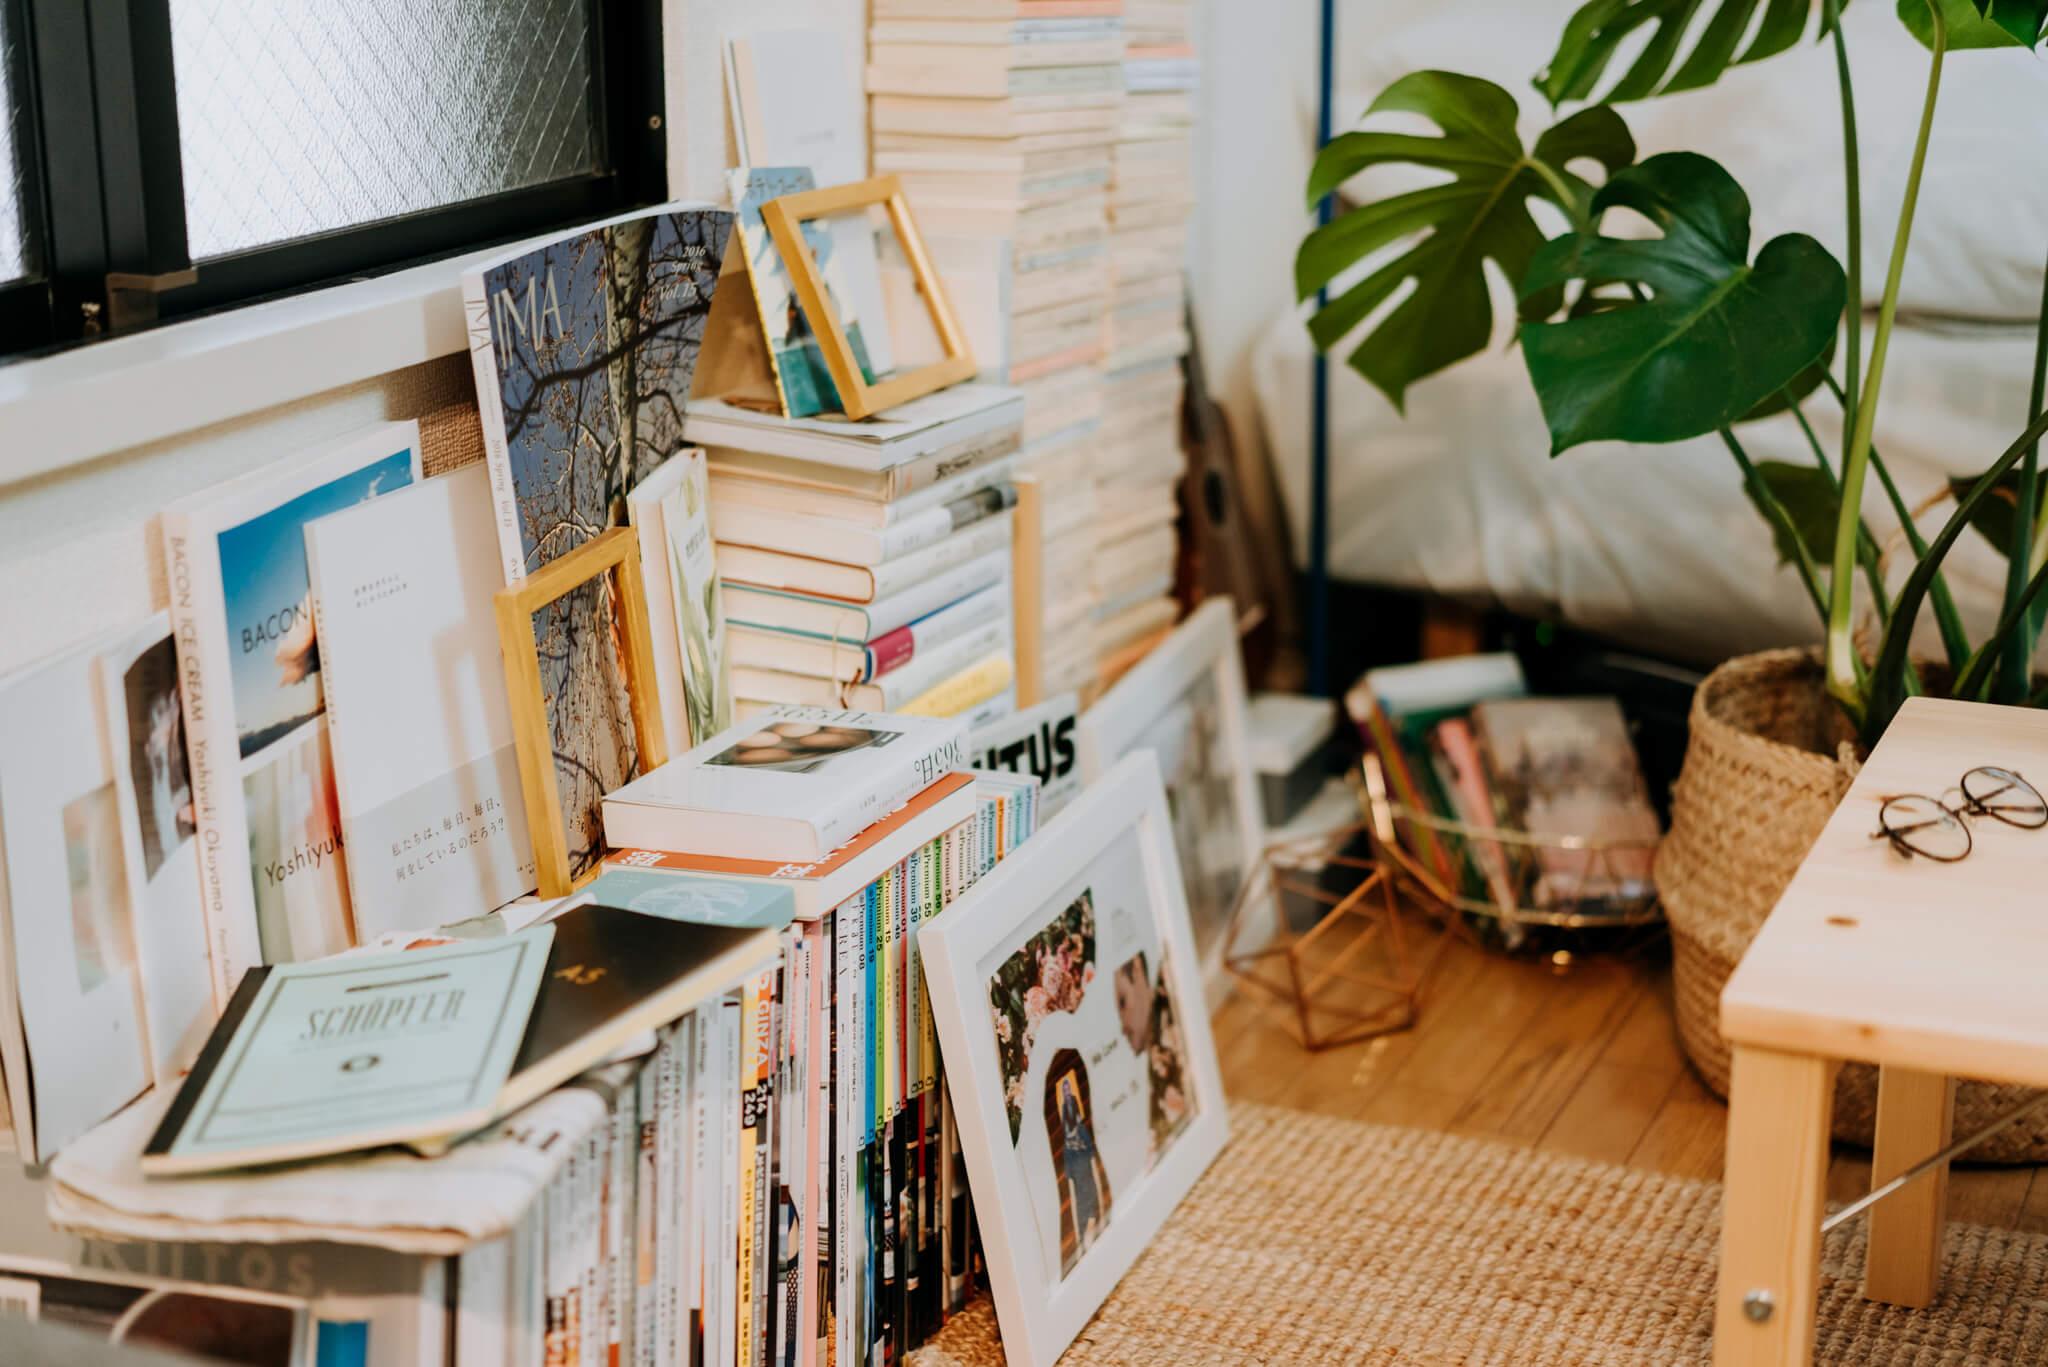 たくさんの本が積まれていました!これだけ積まれていると逆にオシャレに見えてくる。